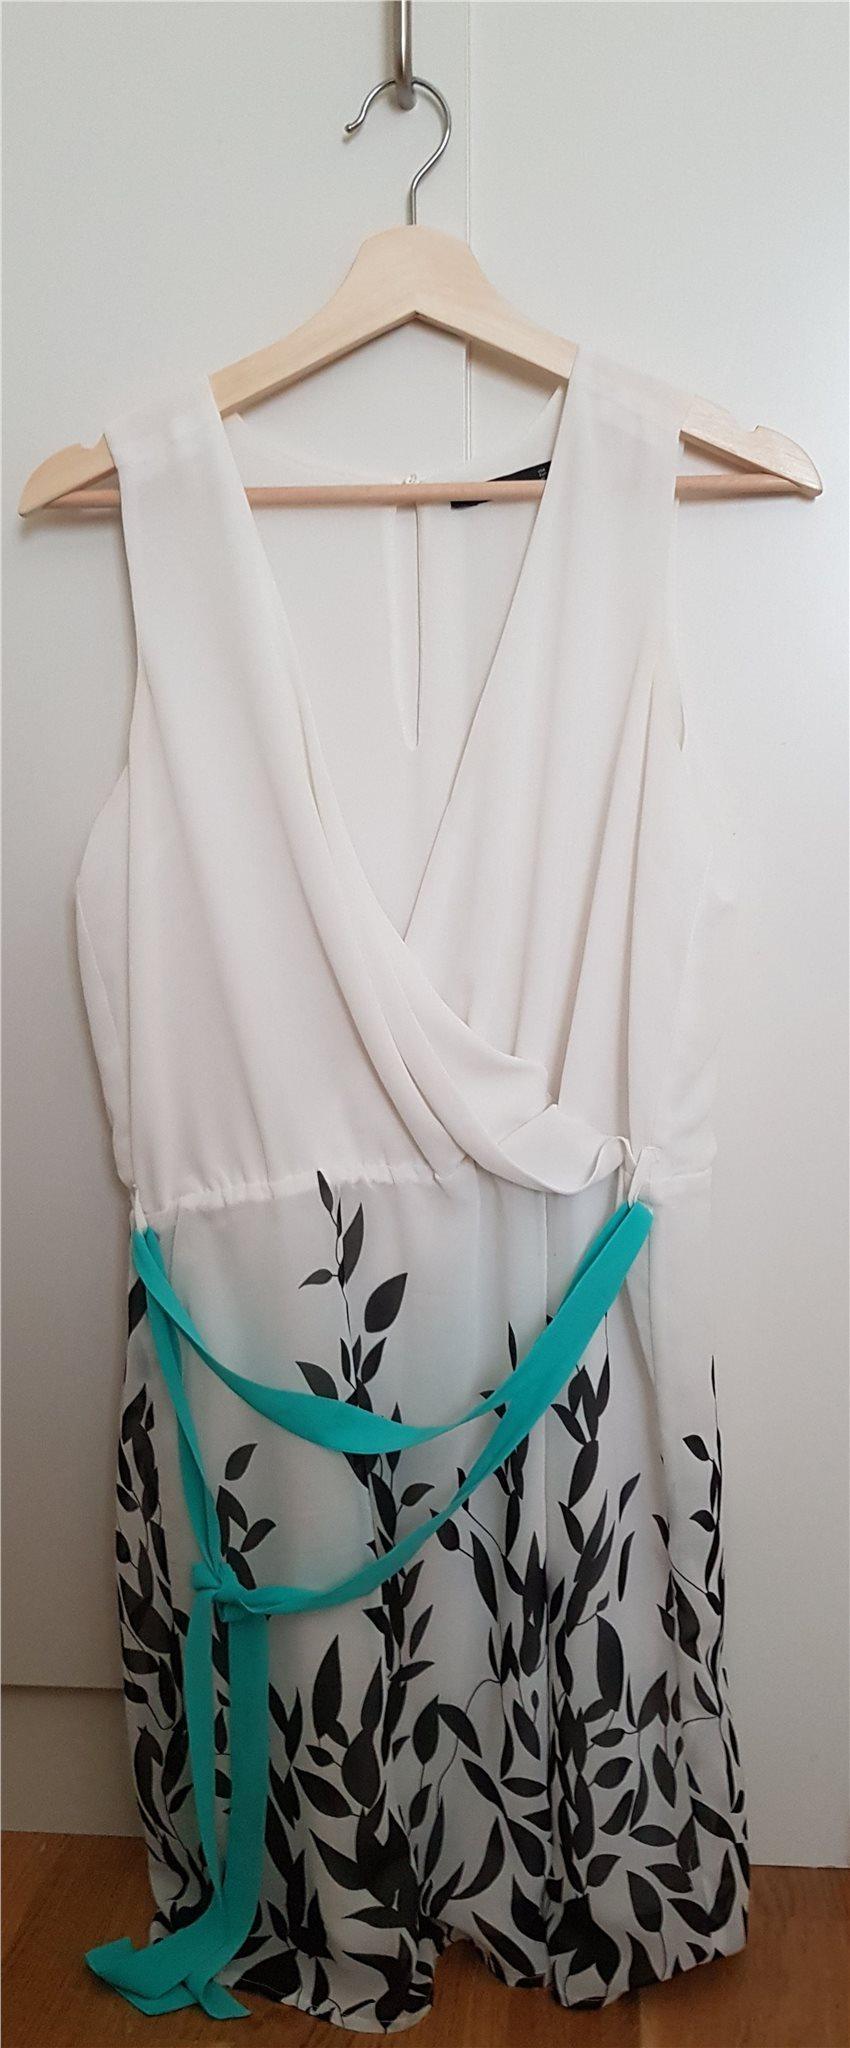 Fin chiffon klänning (330459588) ᐈ Köp på Tradera 2b166186d6288